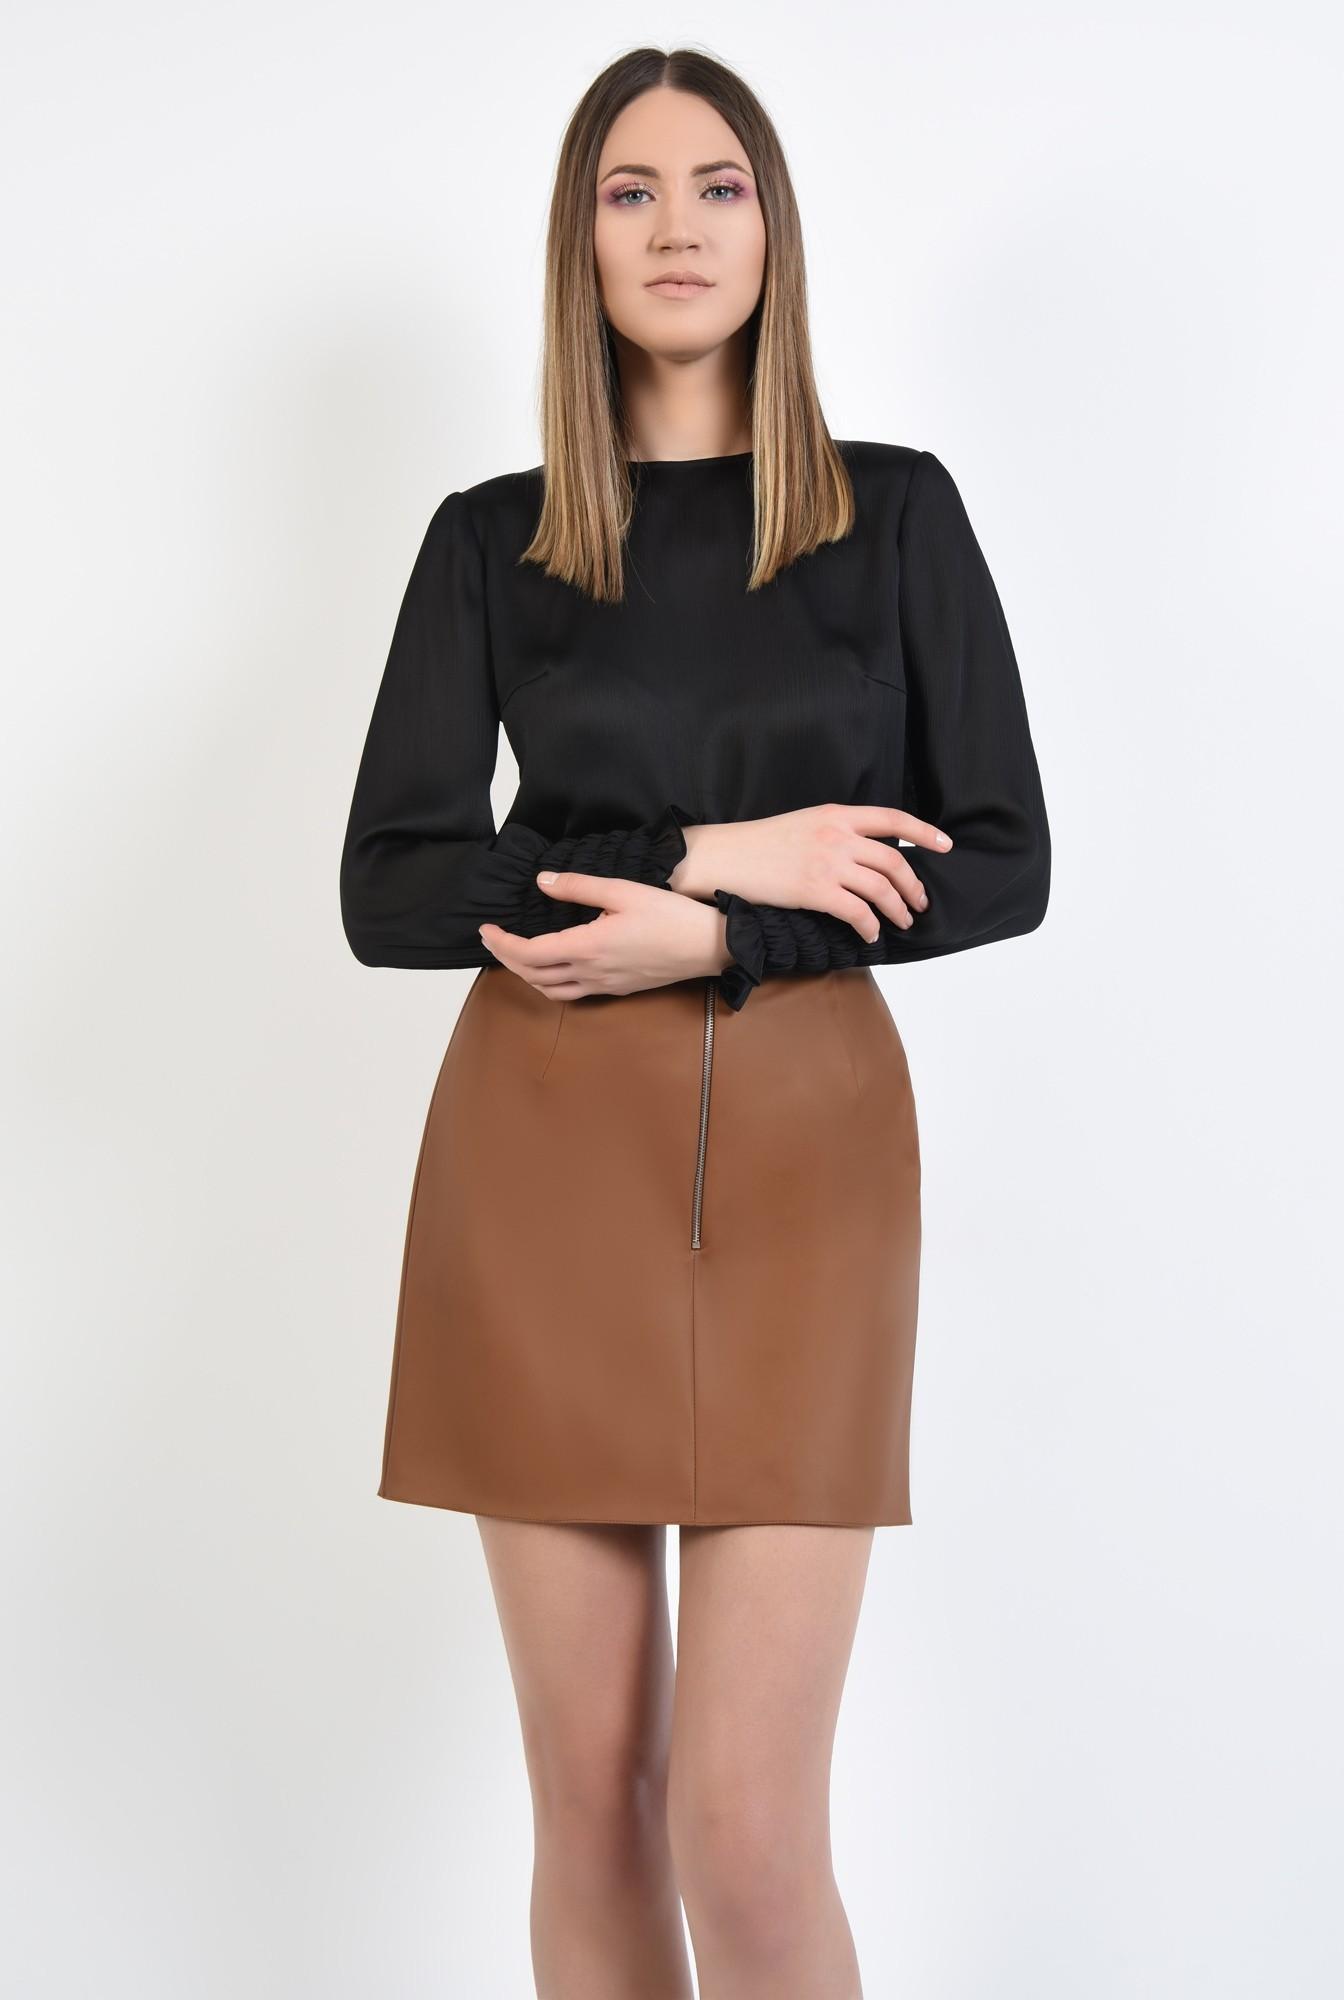 0 - 360 - bluza eleganta, din crep, tesatura texturata, bluza neagra, bluze online